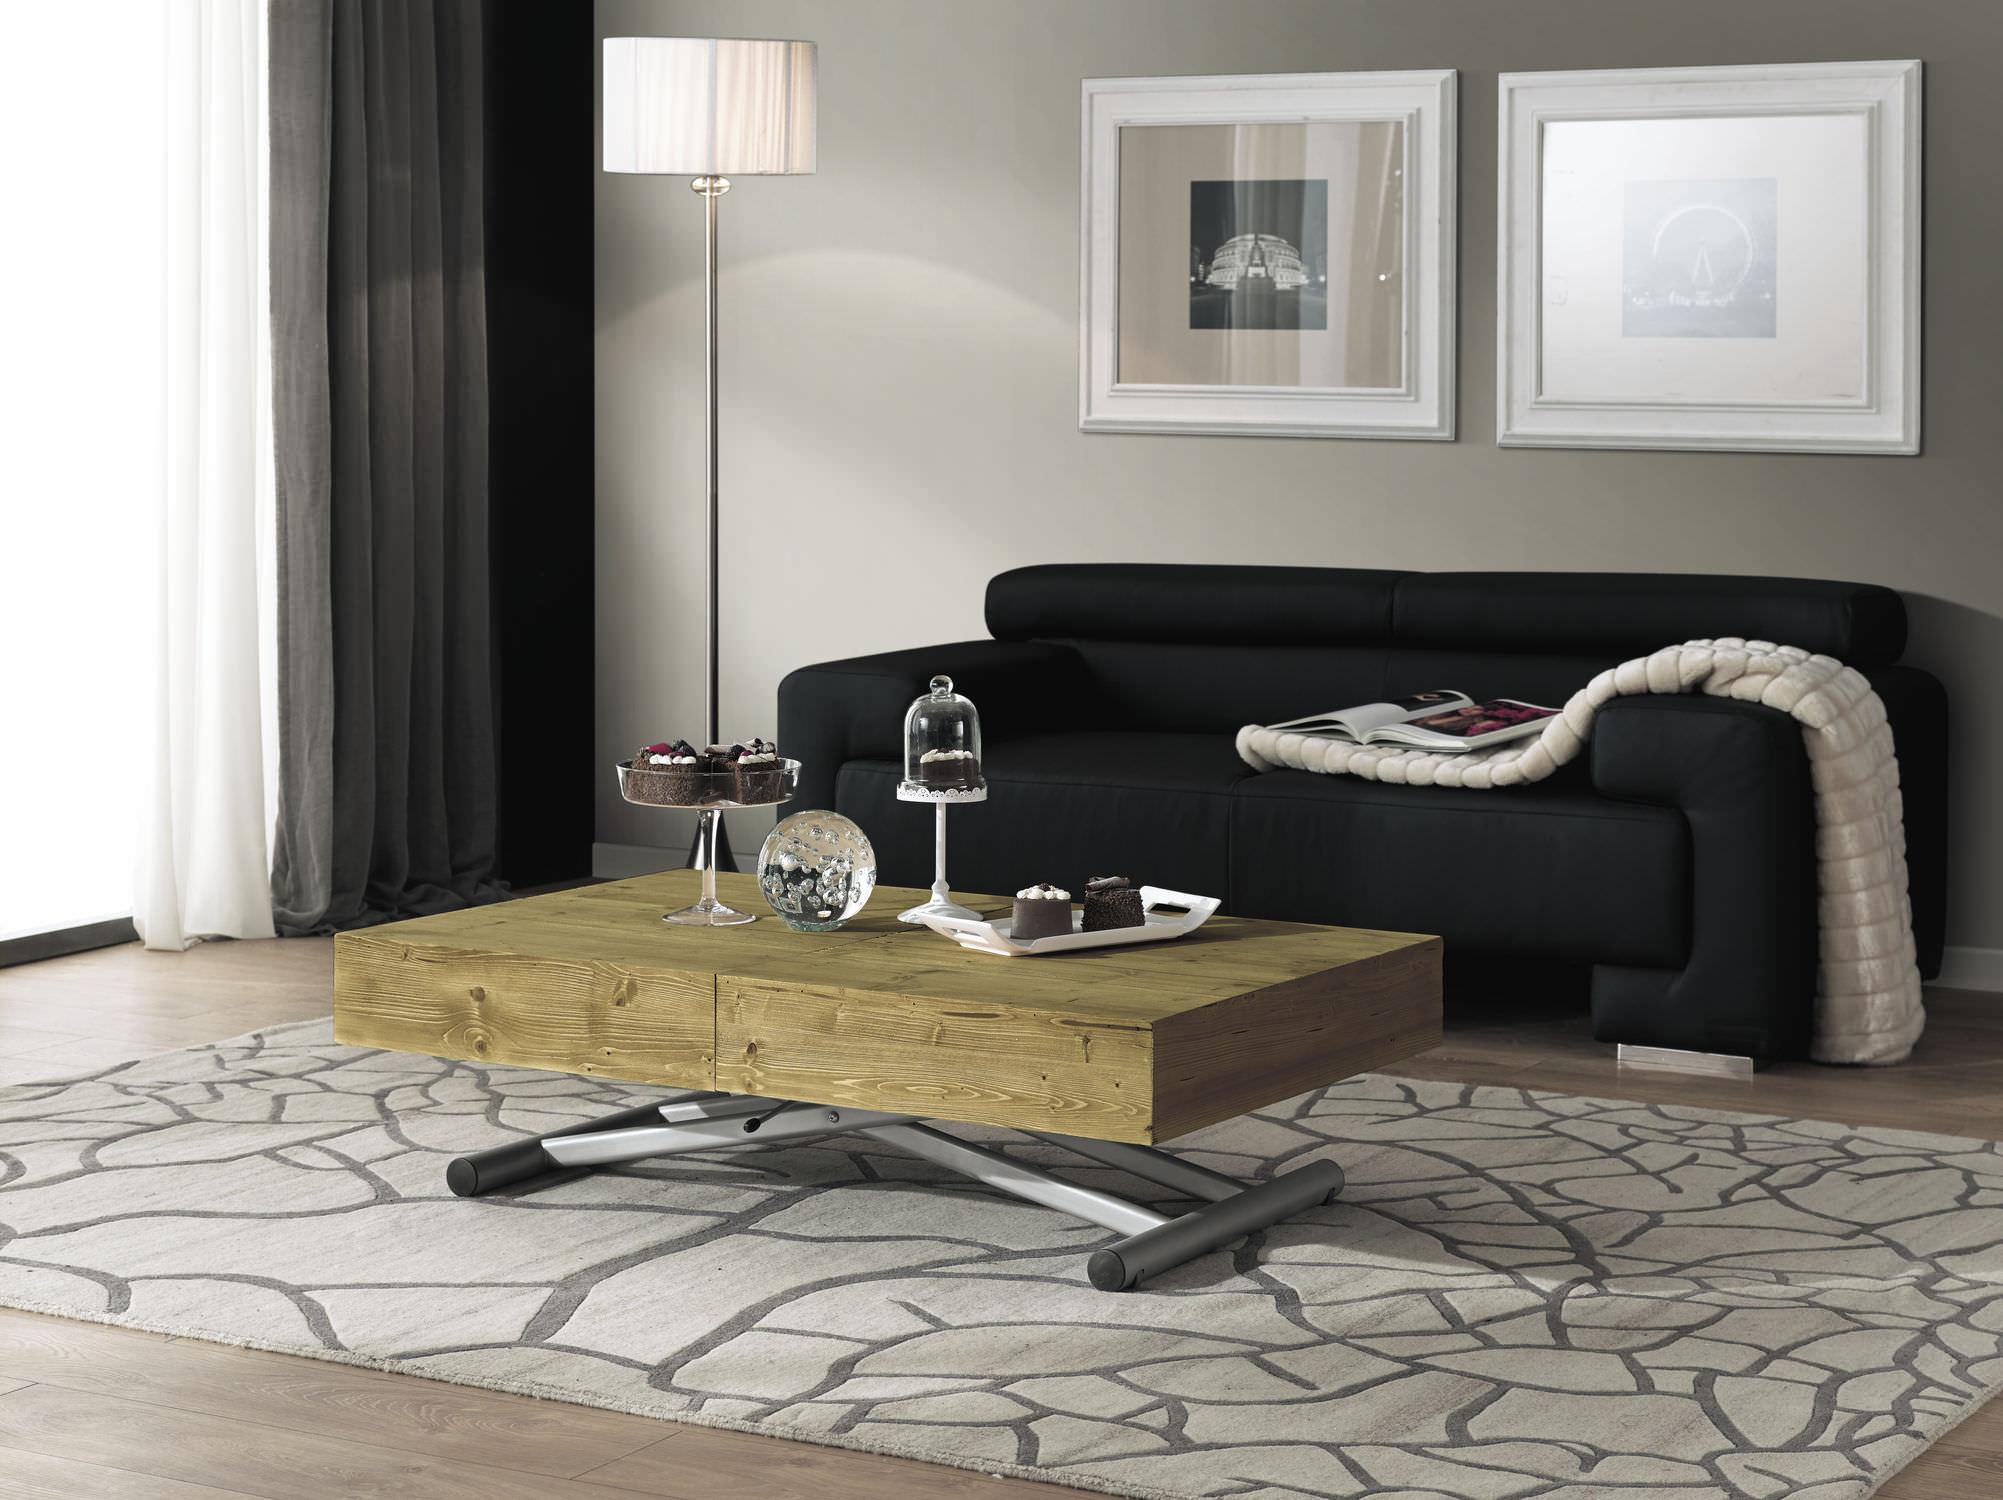 table basse contemporaine en bois rectangulaire hauteur rglable wood and the city home - Table Basse Hauteur Reglable